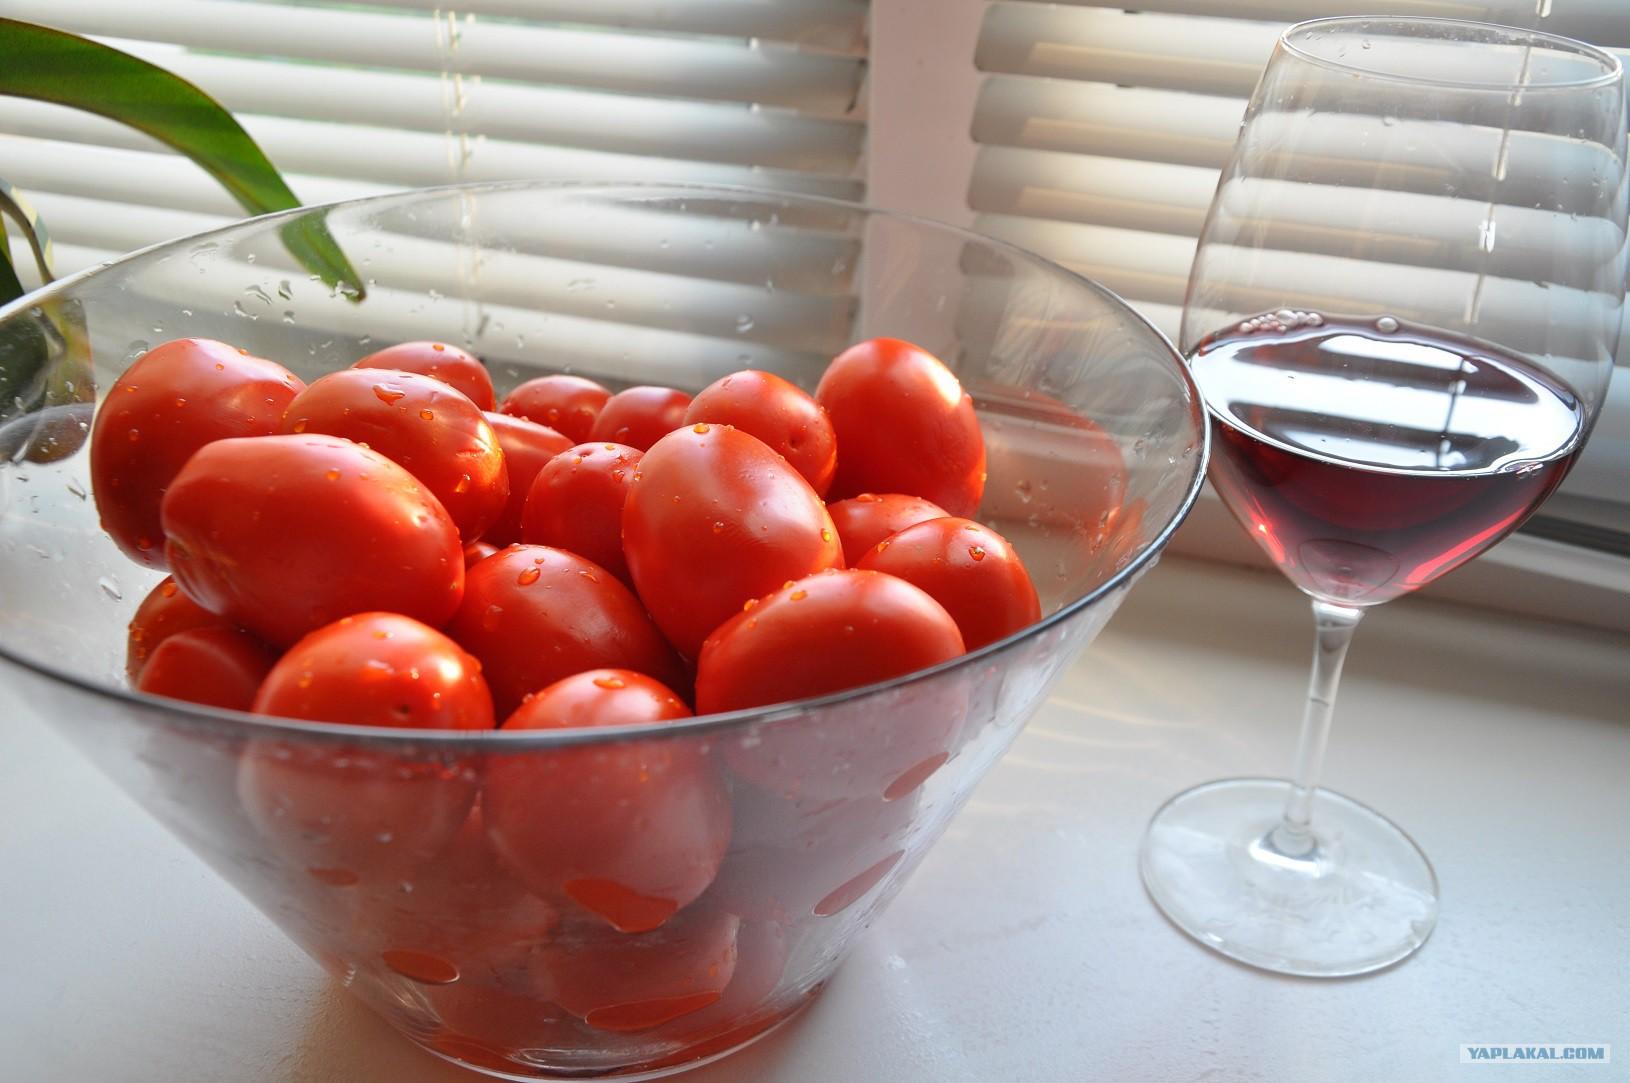 Вяленые помидоры черри в домашних условиях на зиму: рецепты с фото и видео